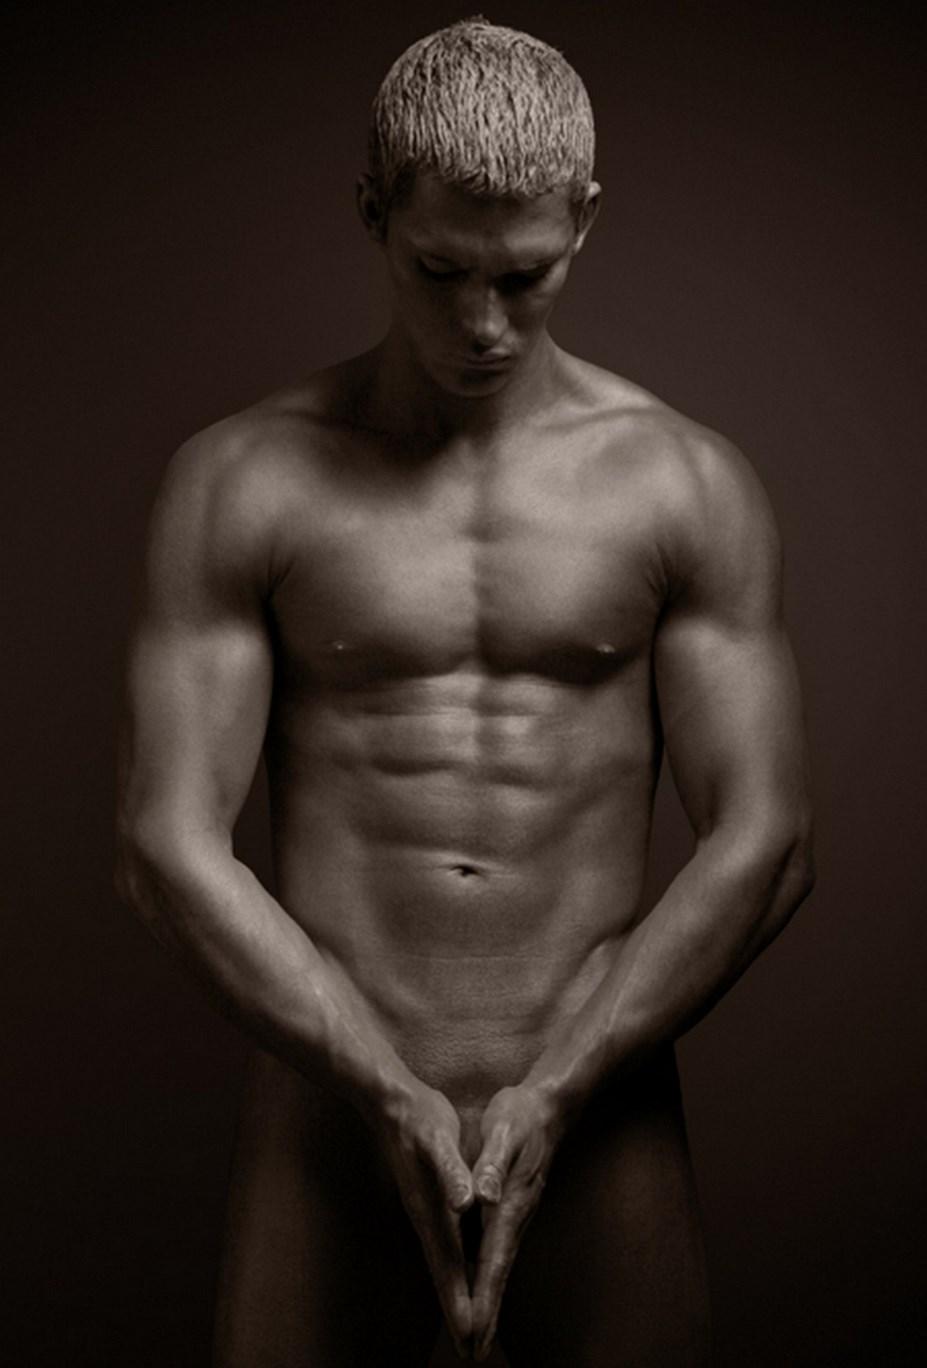 Imagen gratis de modelo masculino desnudo